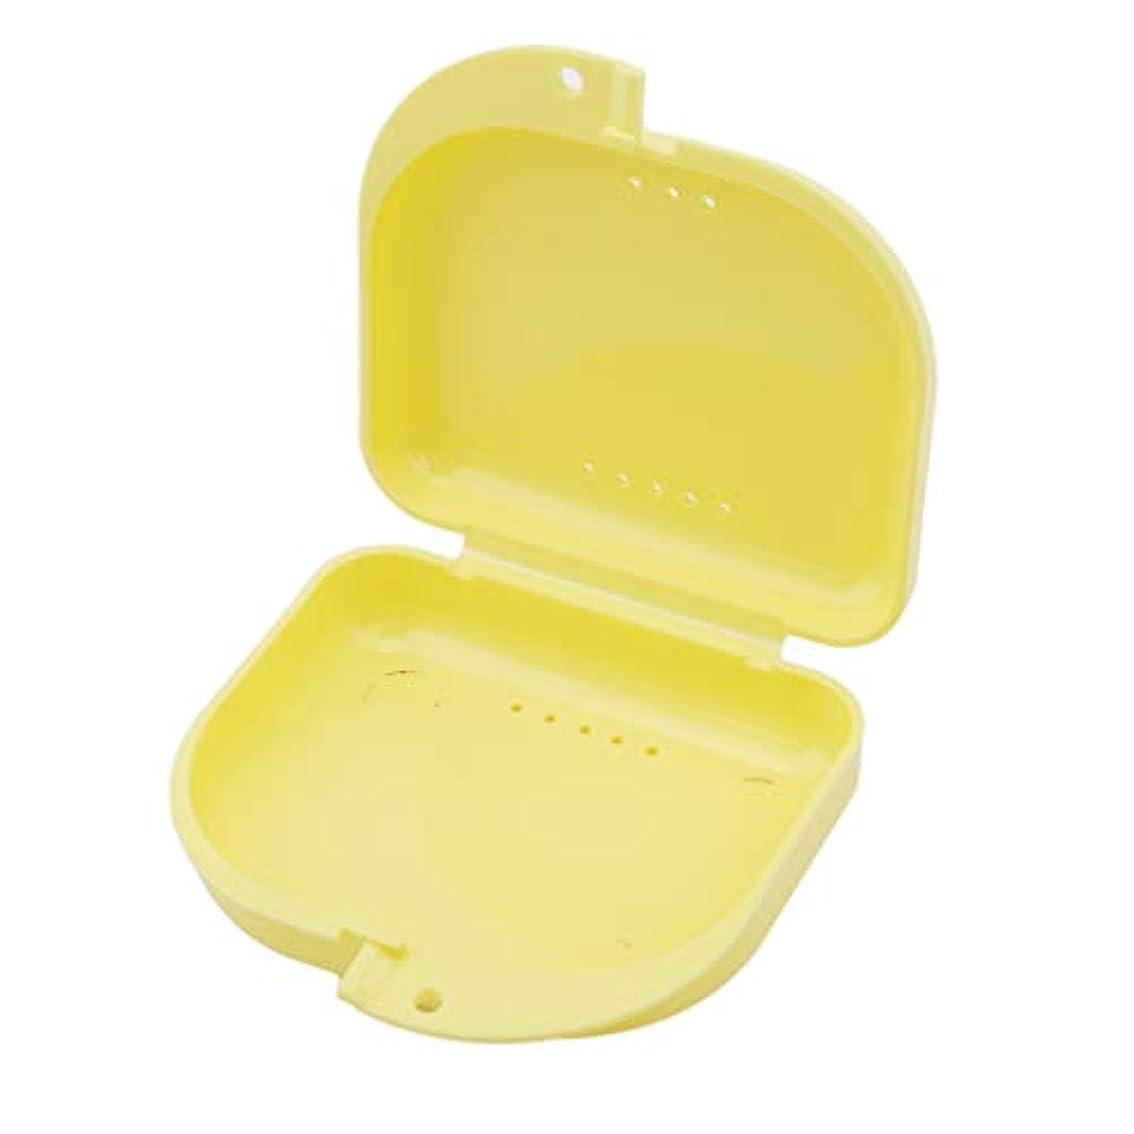 徒歩で中断皮BEE&BLUE 義歯ケース 義歯収納 義歯ボックス 義歯収納ケース 入れ歯のポケット 義歯収納容器 ミニ